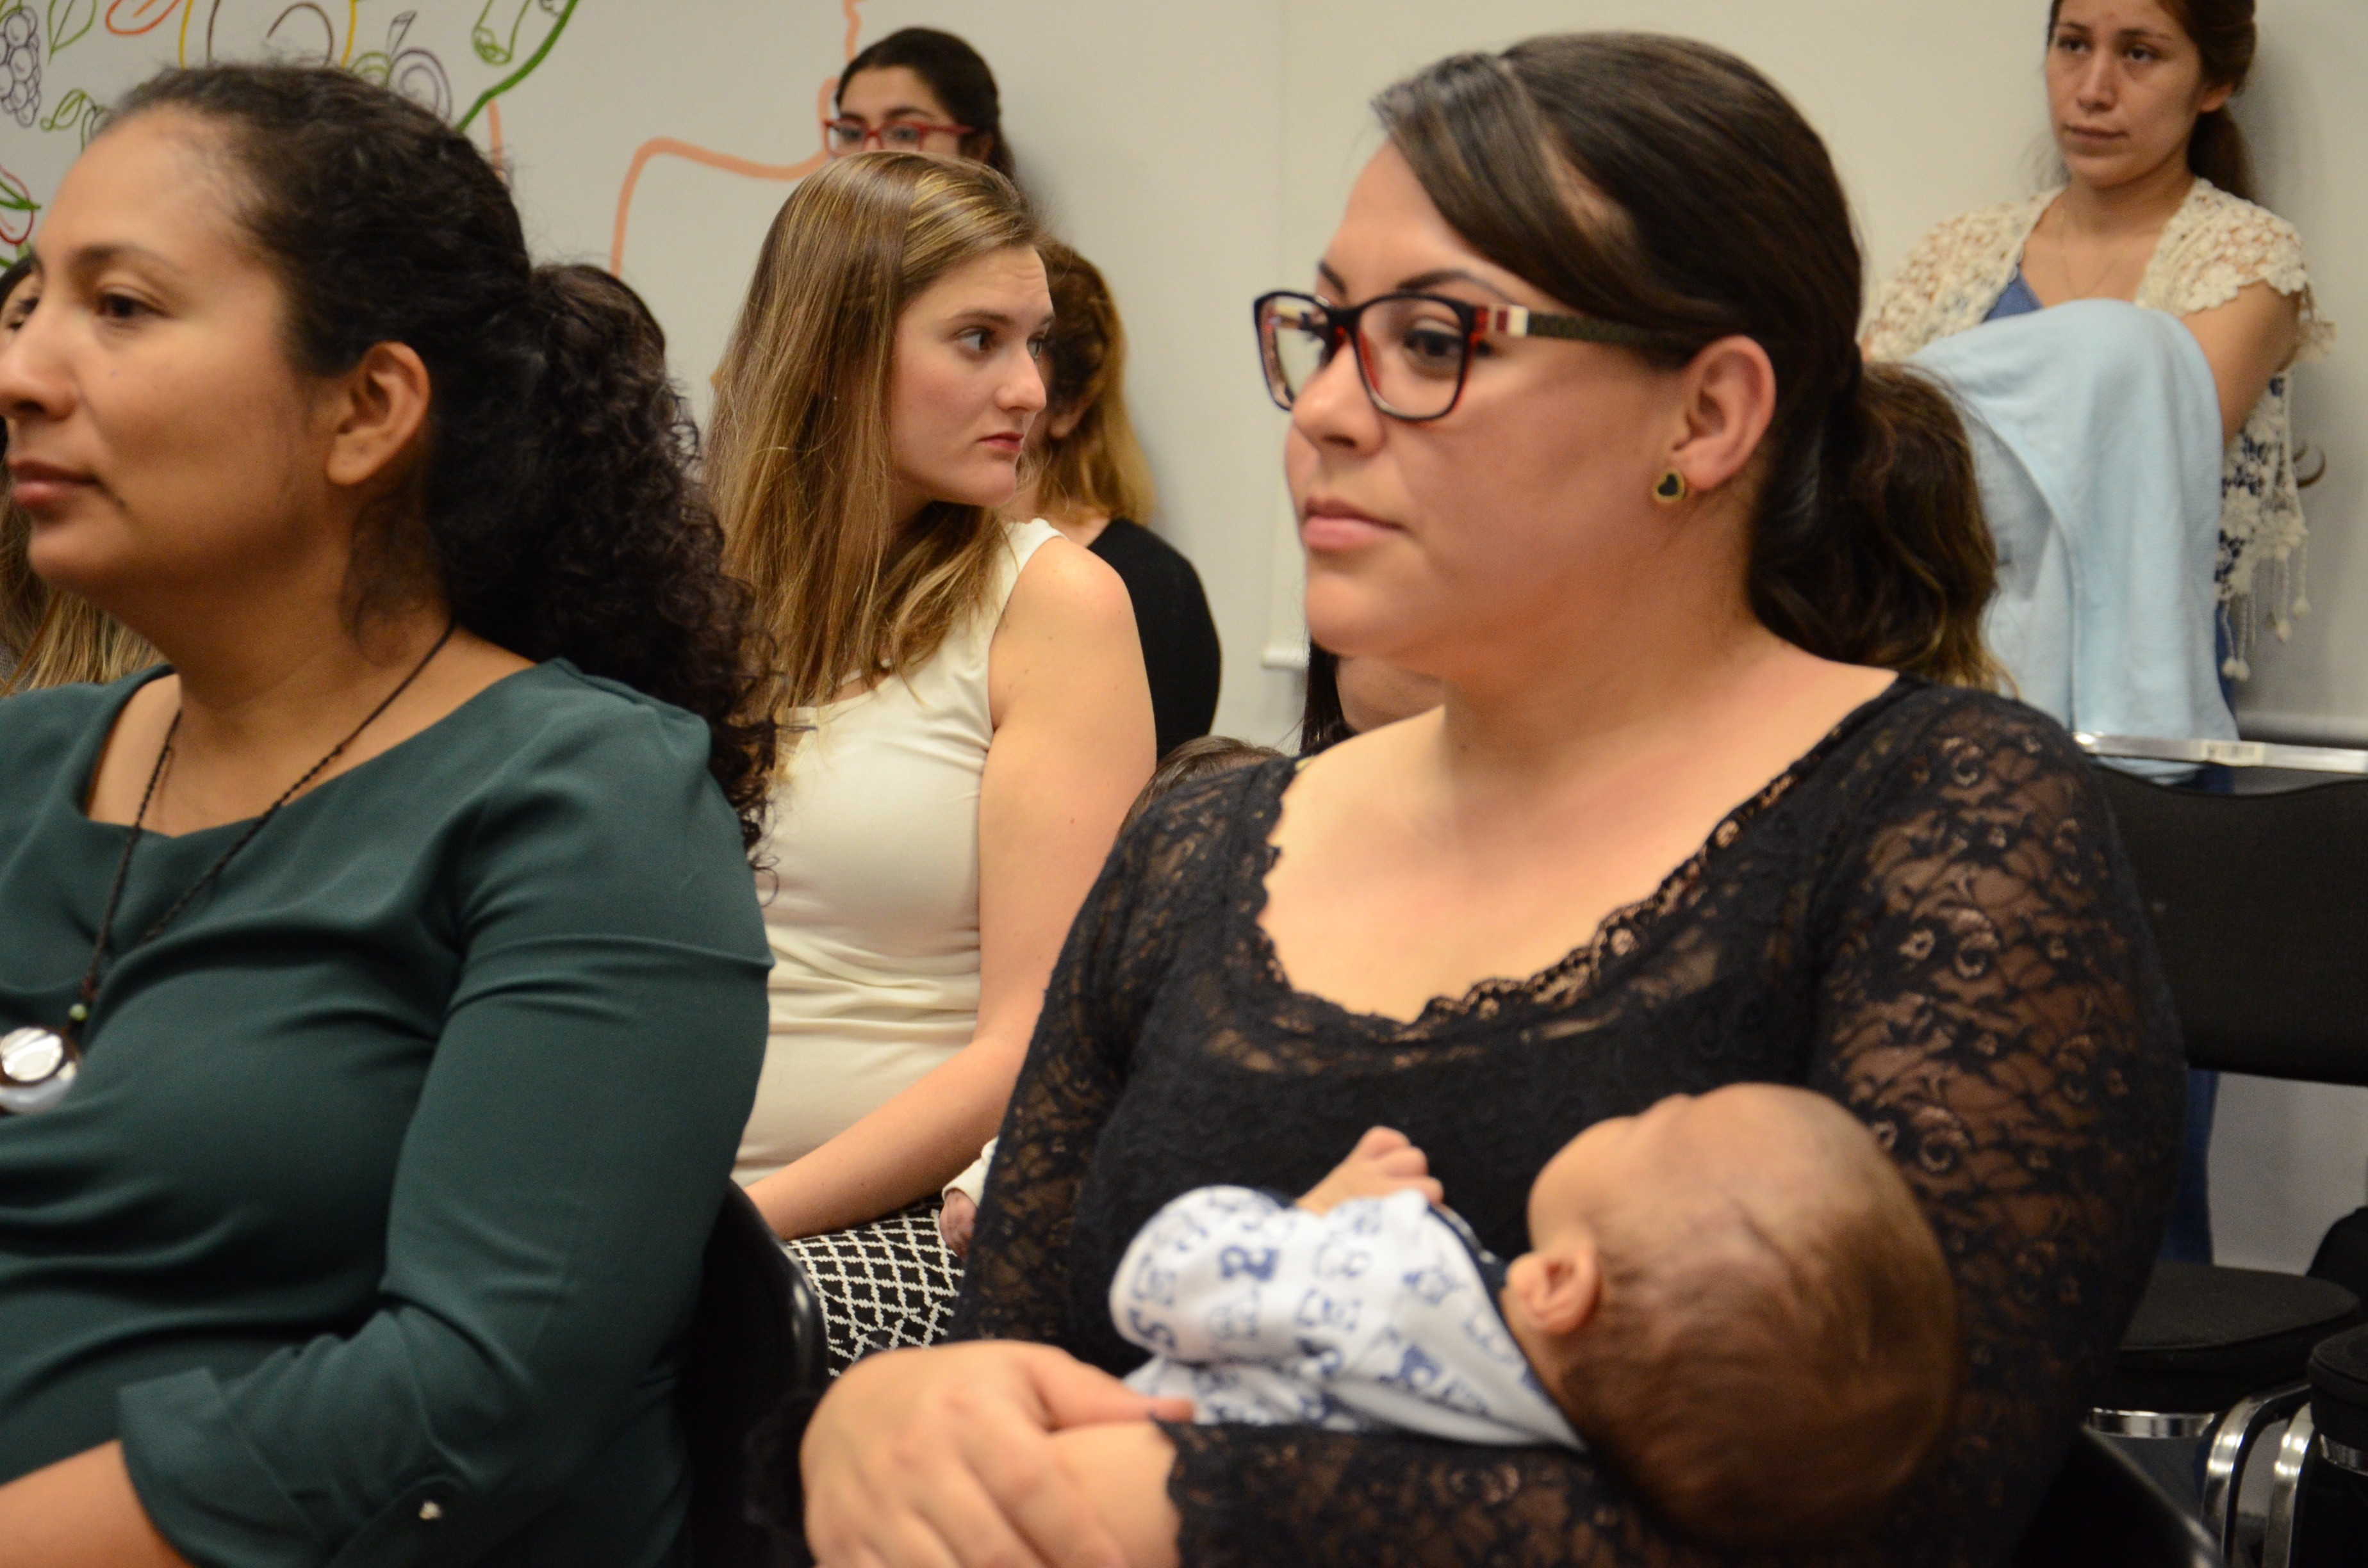 Mamá con su bebé en brazos